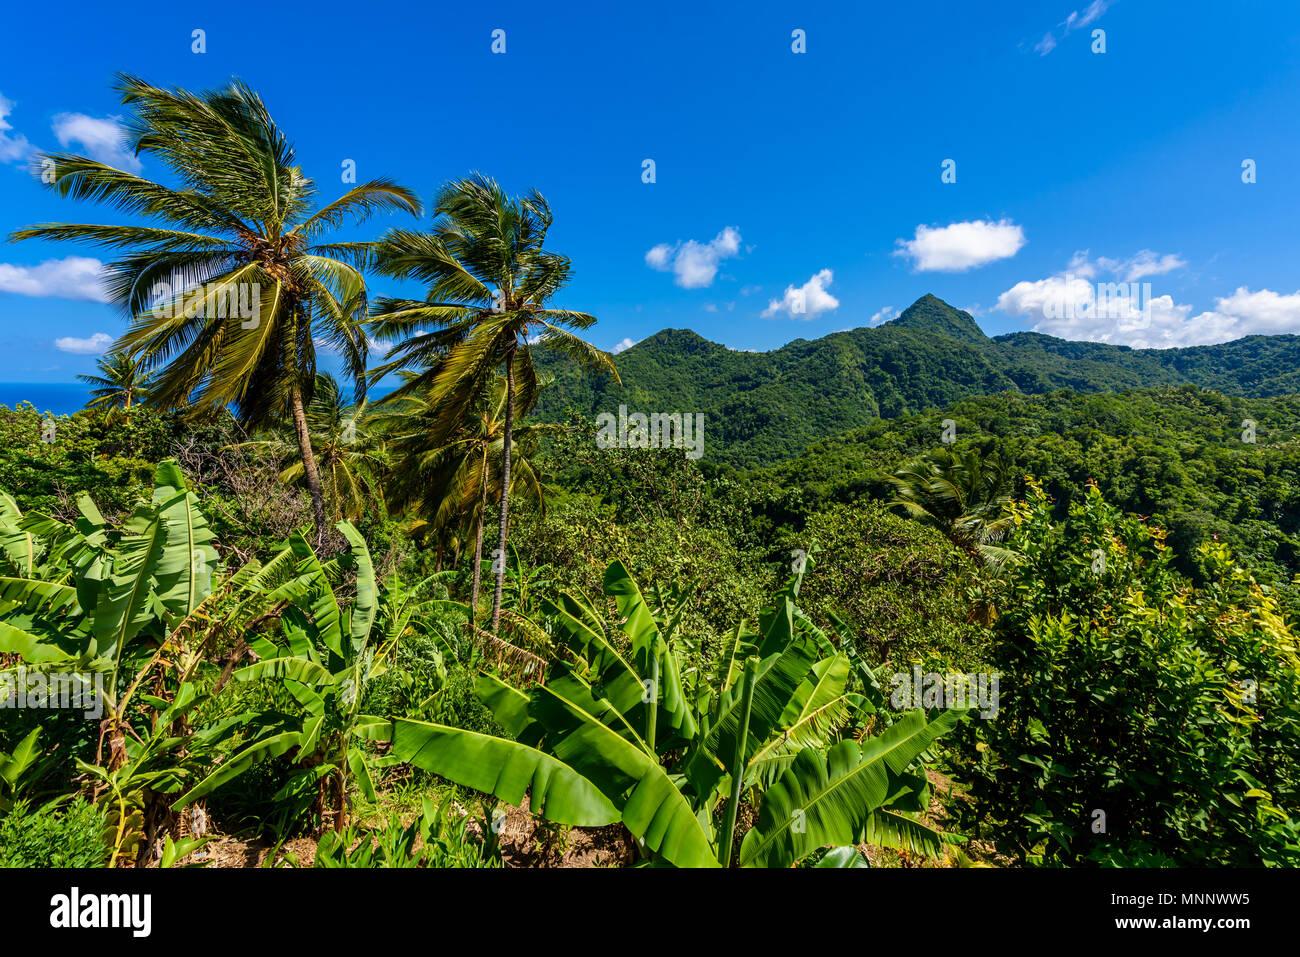 Tropischer Regenwald auf der karibischen Insel St. Lucia. Es ist ein Paradies mit einem weißen Sandstrand und Meer turquoiuse. Stockbild